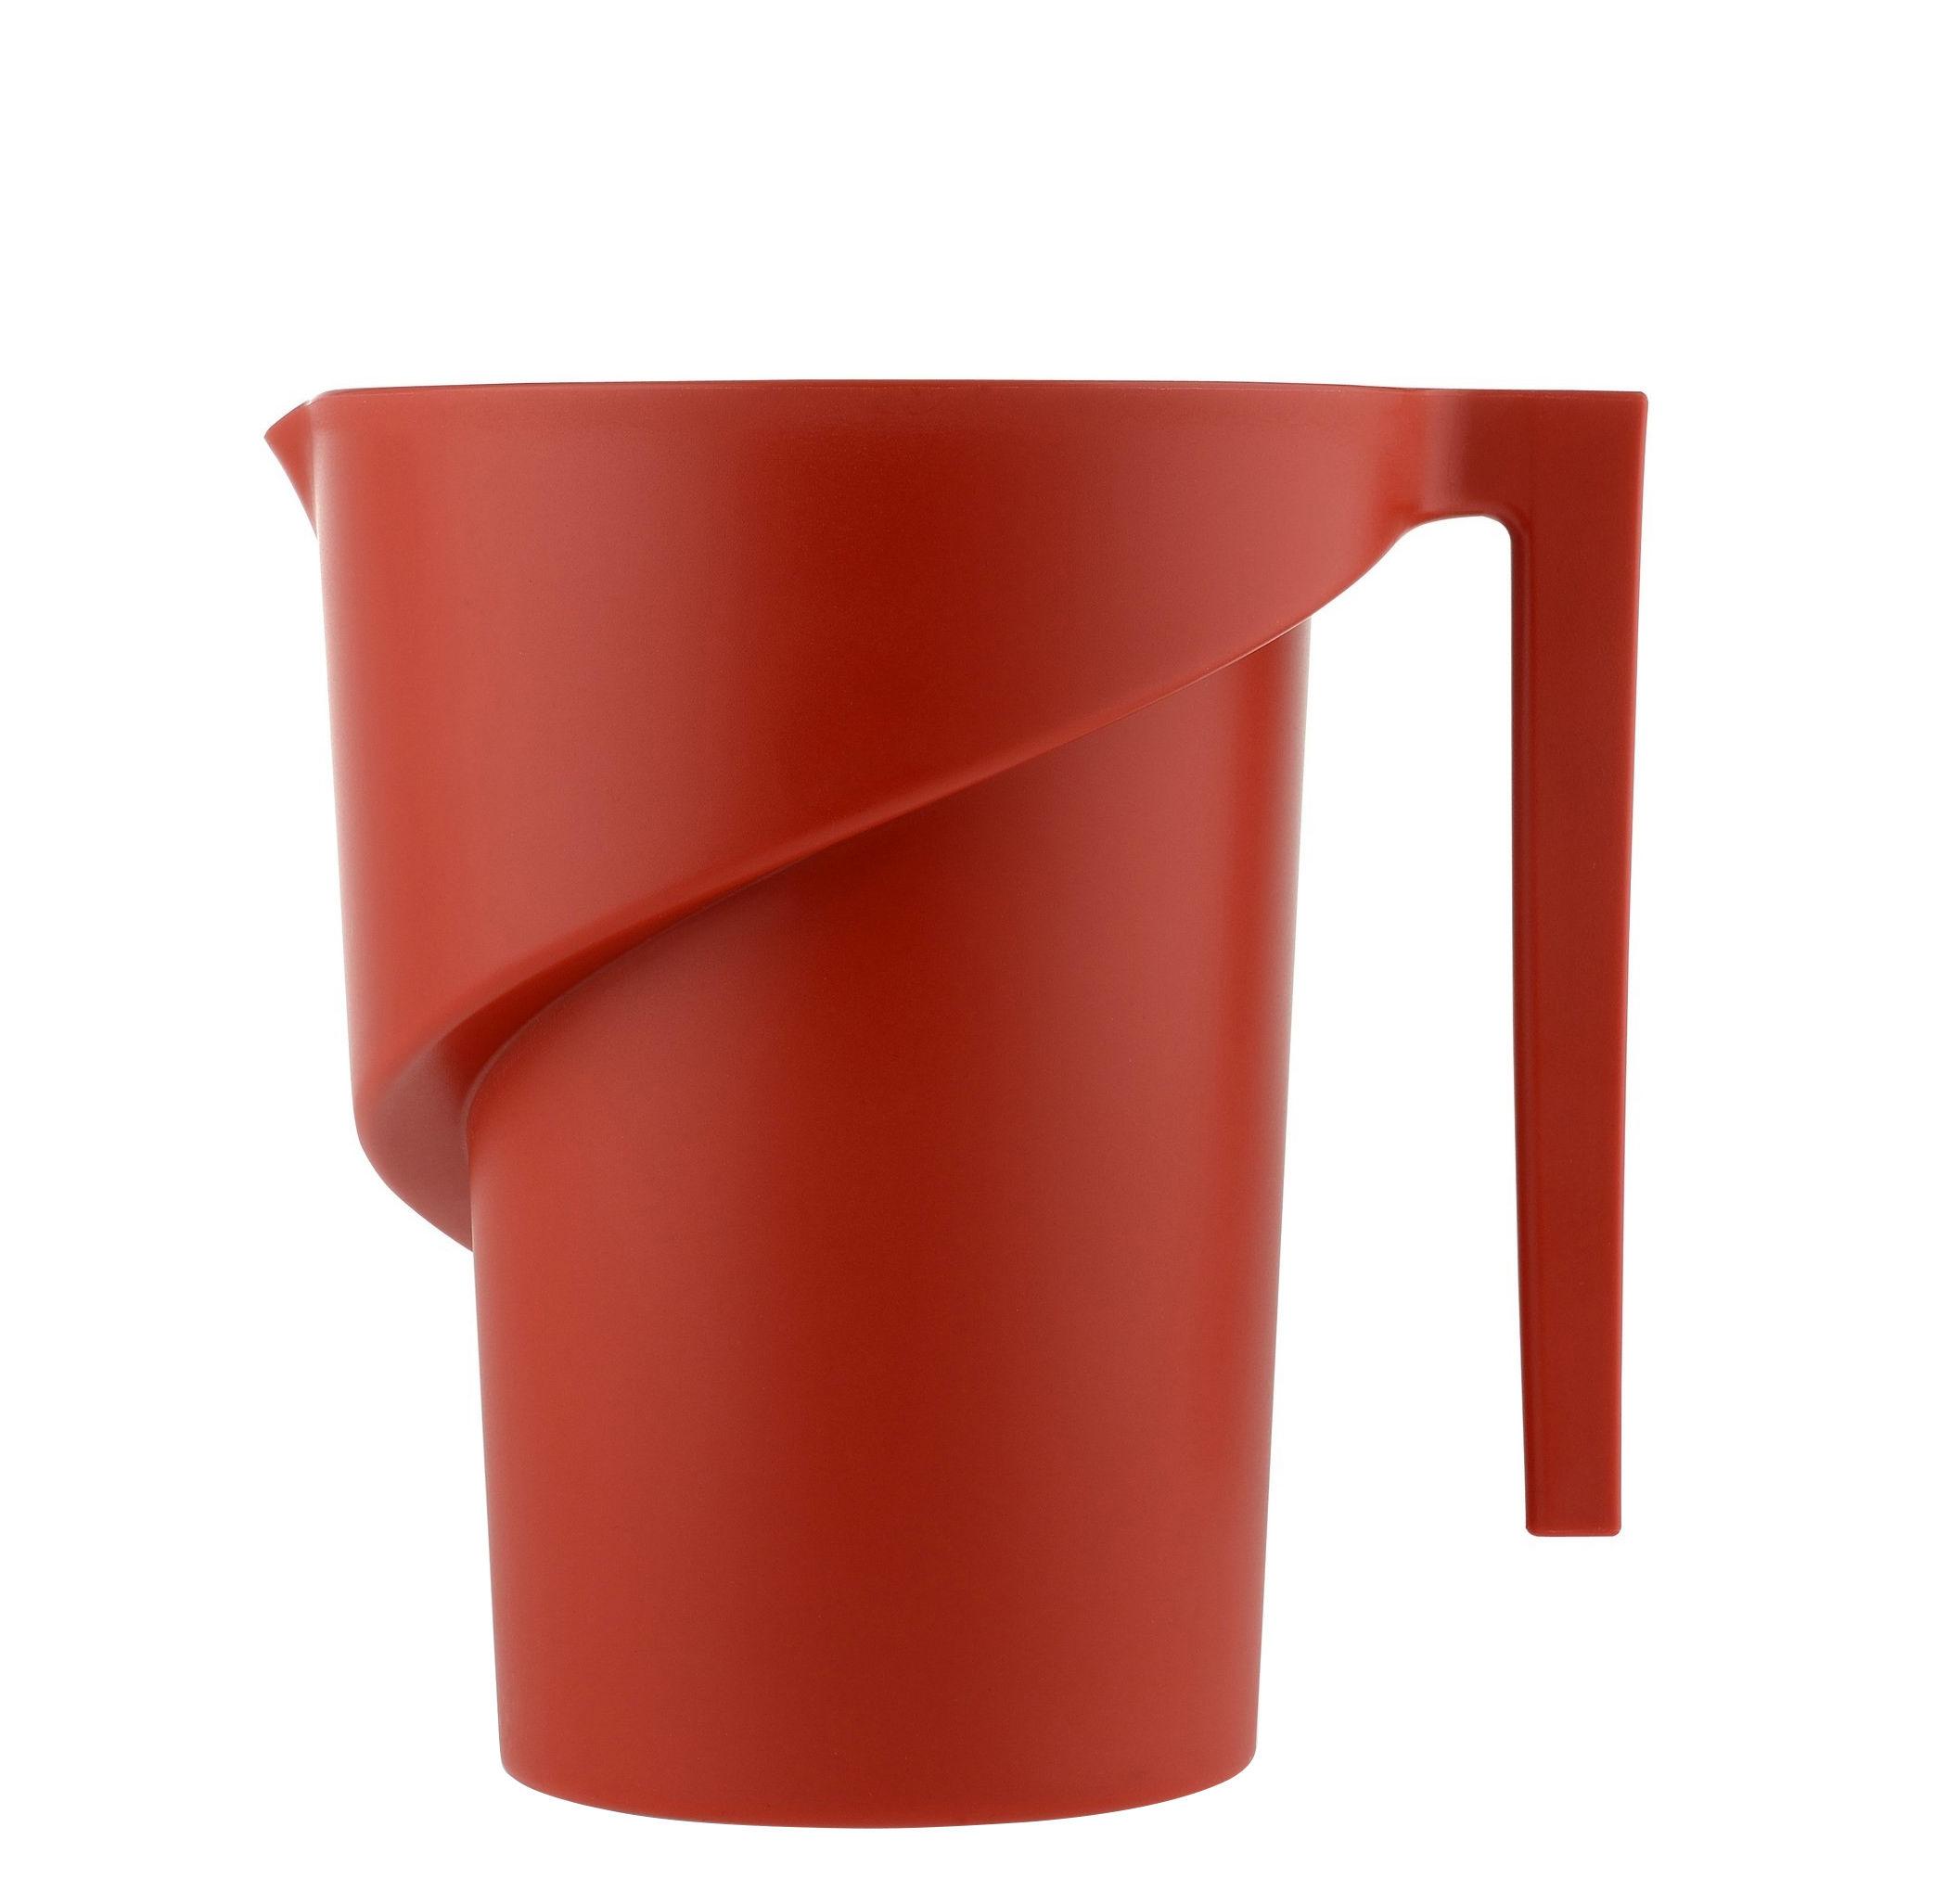 Cucina - Utensili da cucina - Bicchiere graduato Twisted - Alessi - Rosso - Resina termoplastica